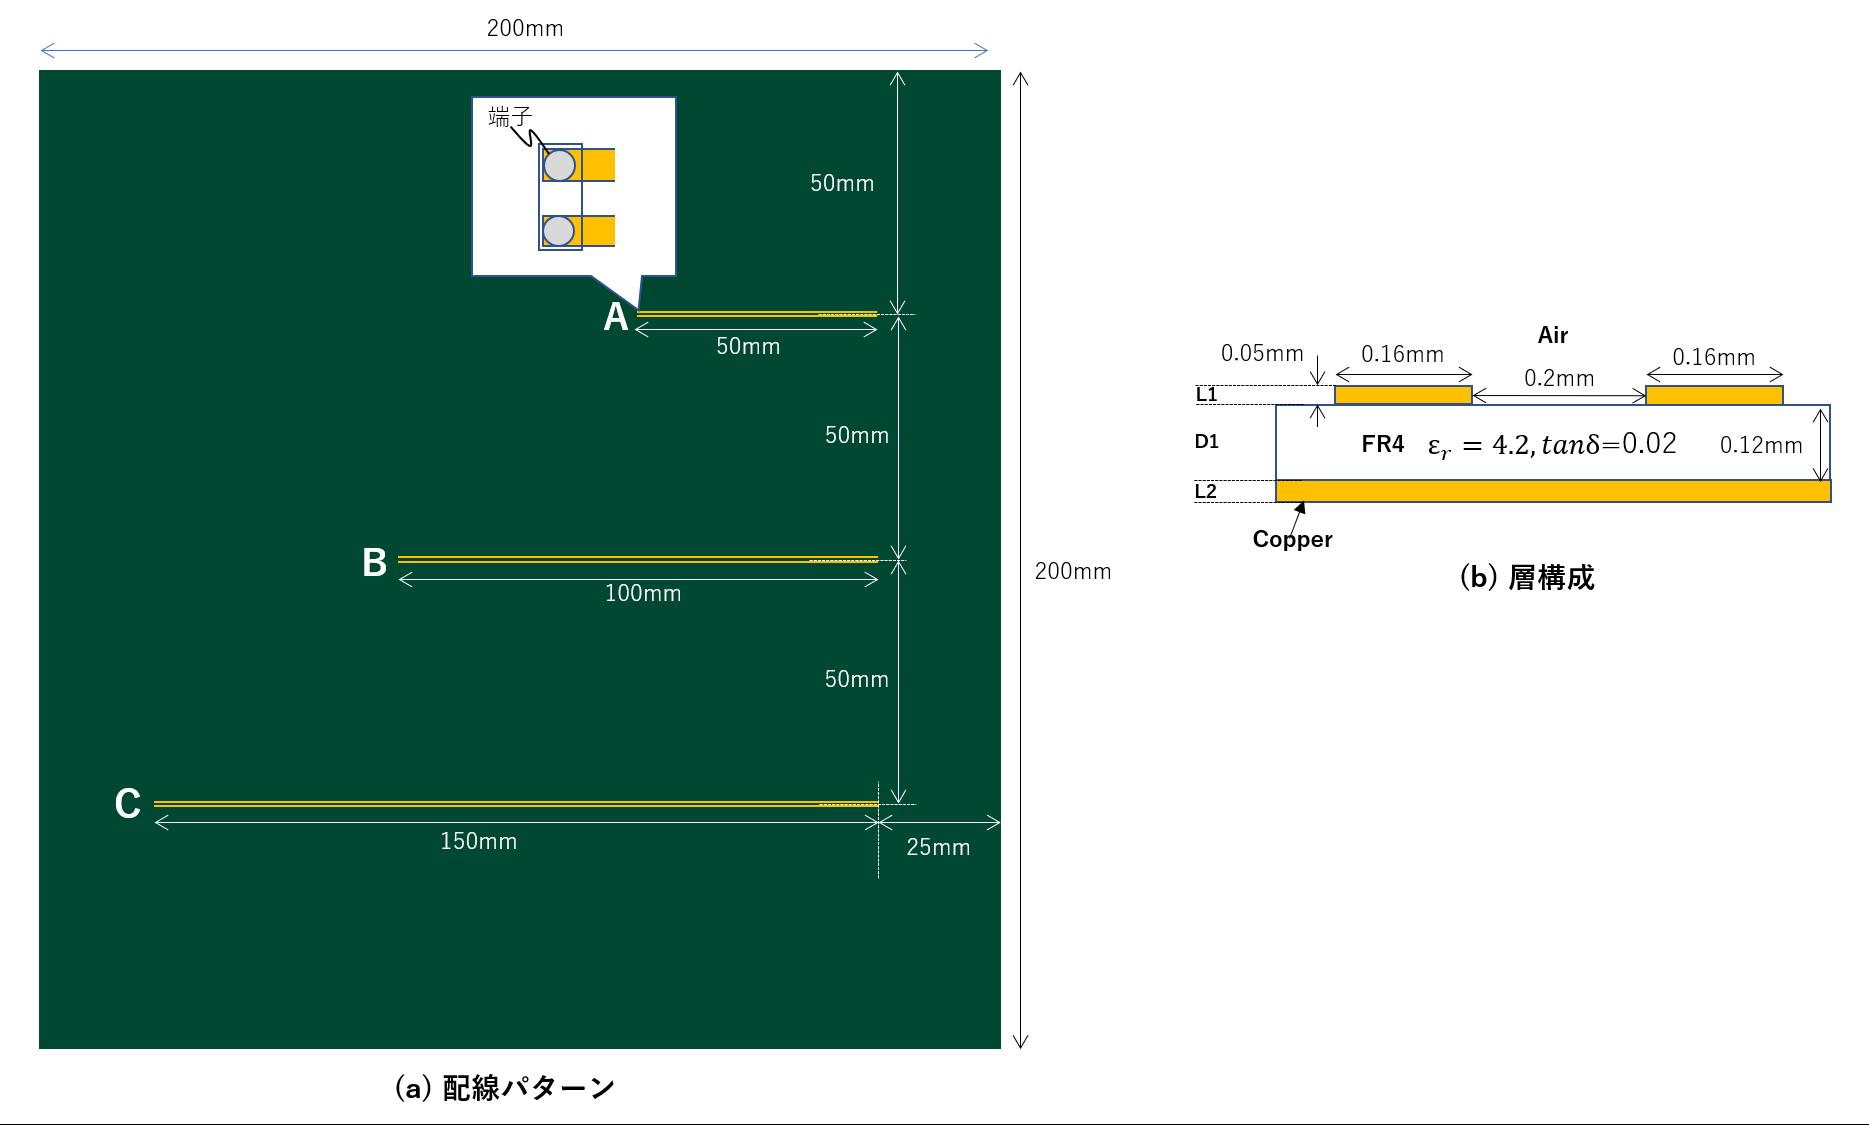 並走距離とクロストークの関係を検証するための配線パターン